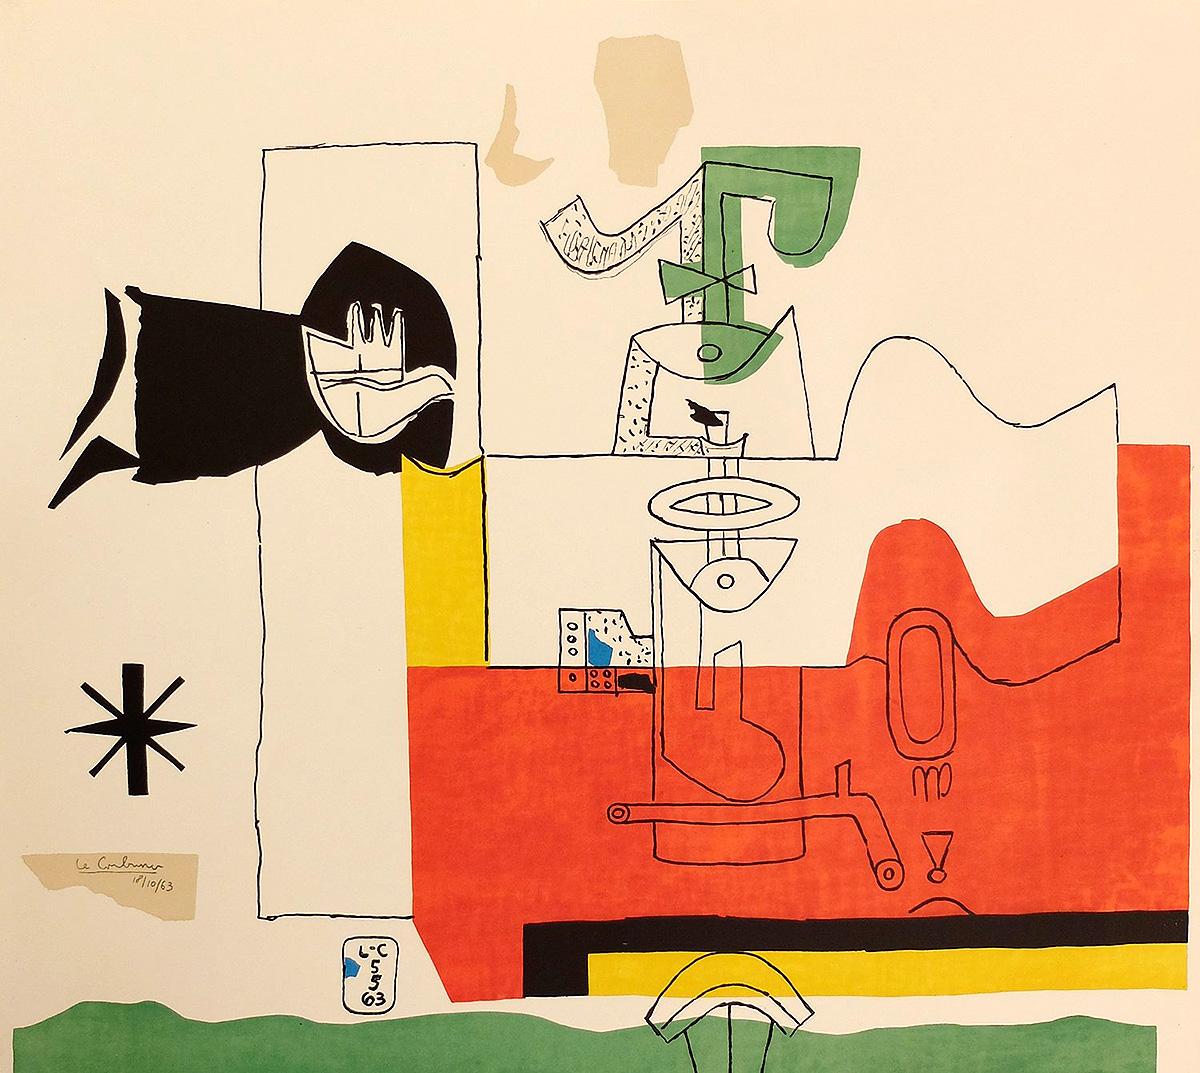 Le Corbusier, 'Totem', lithograph